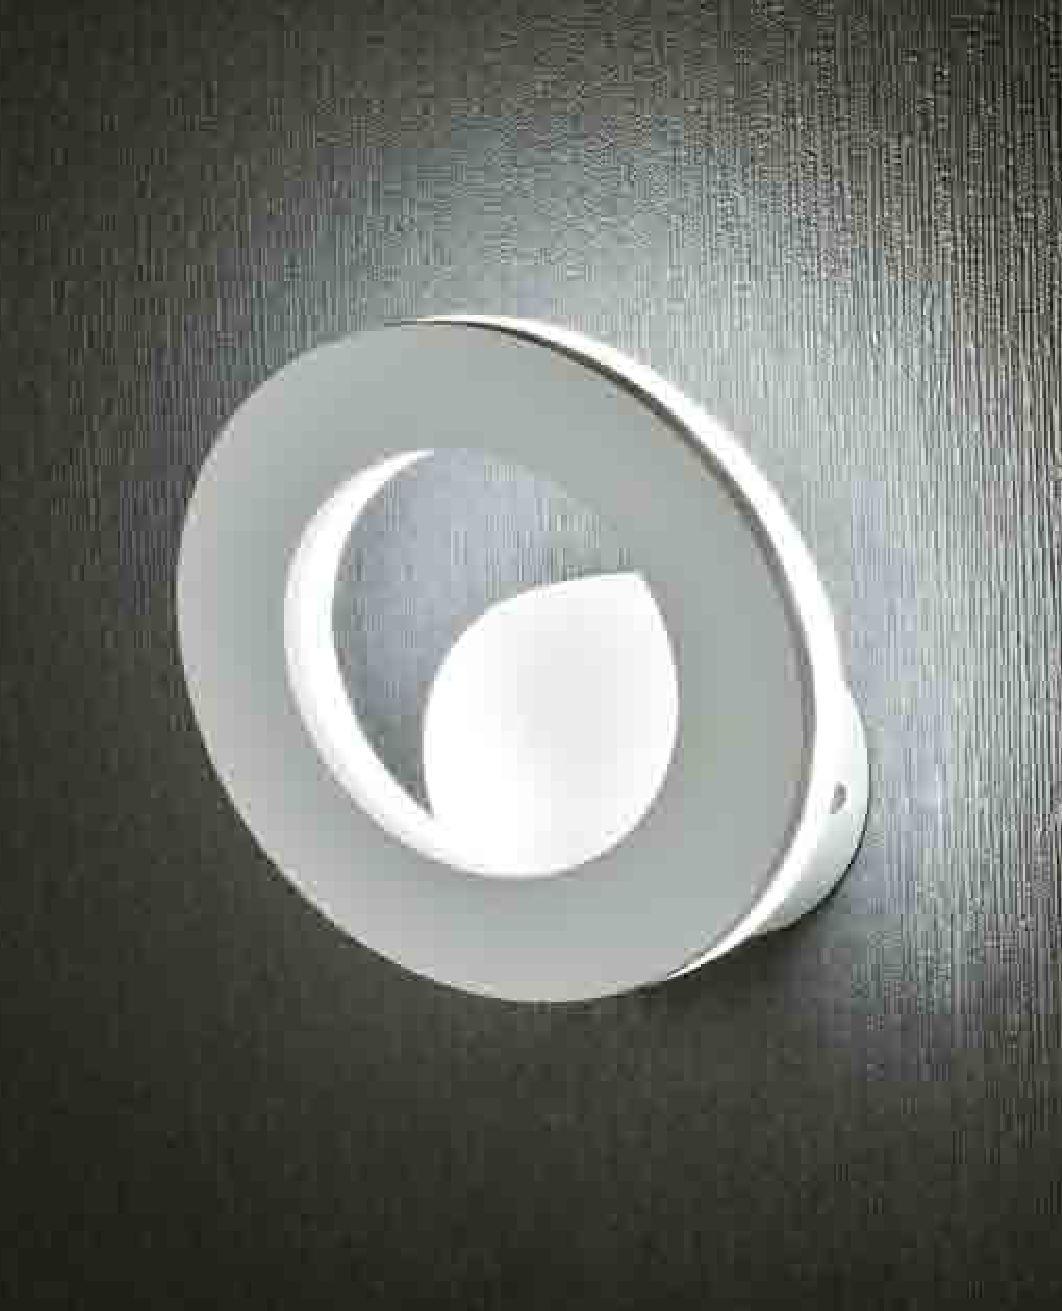 Lucicastiglione fabbrica lampadari: Nuovo catalogo ...